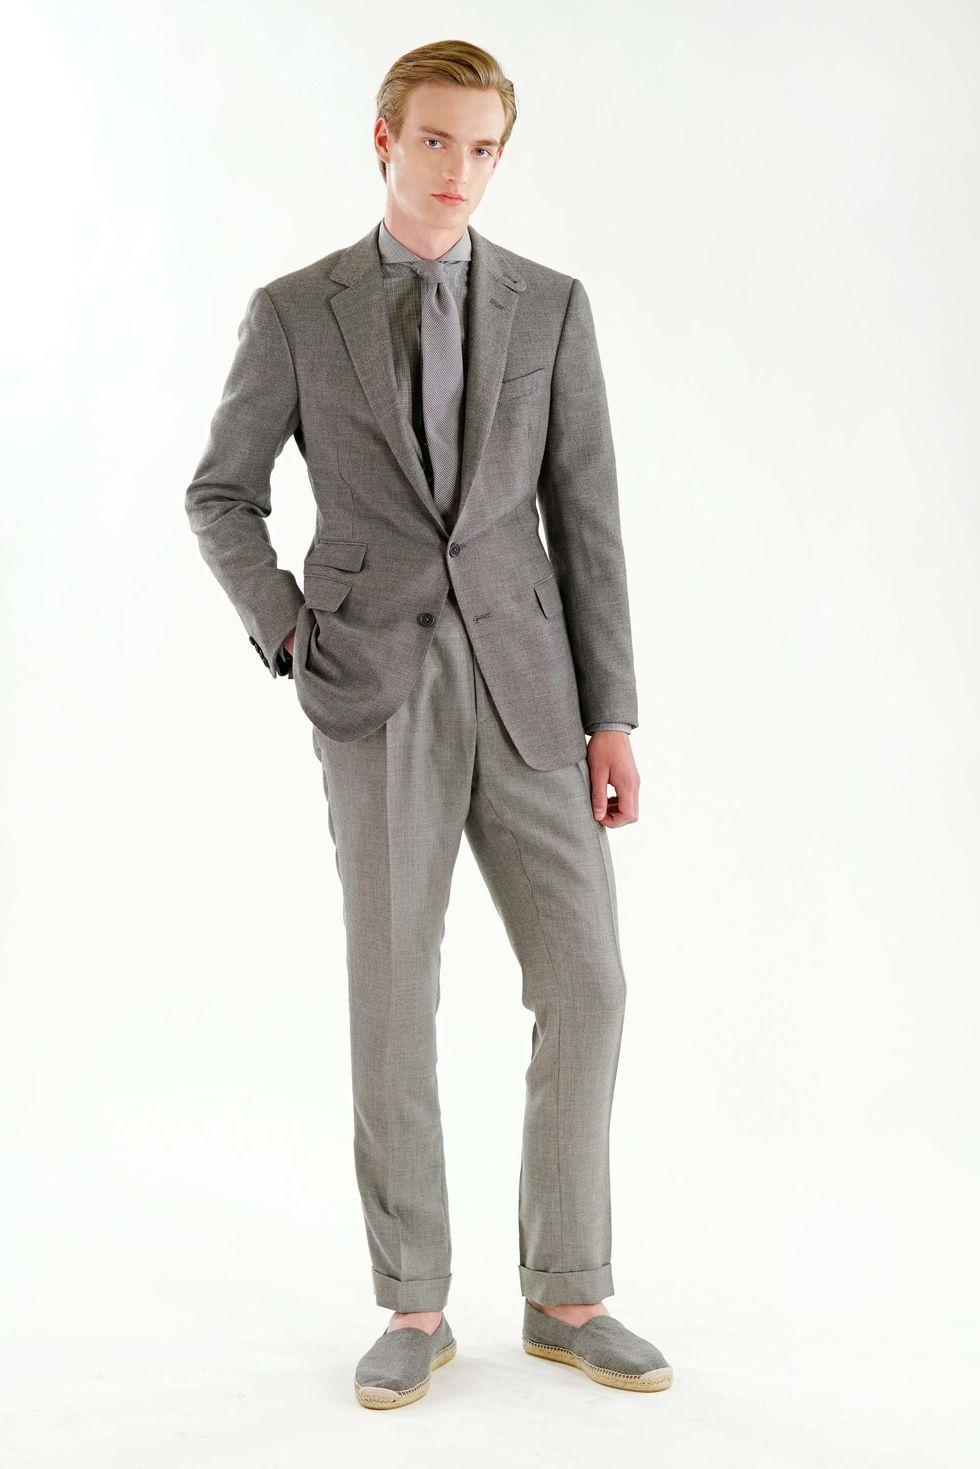 Färgkoordinerade looks är typiskt för Ralph Lauren. Här i en otroligt  elegant sammansättning av gråskala. 8e22e1dfe5d19